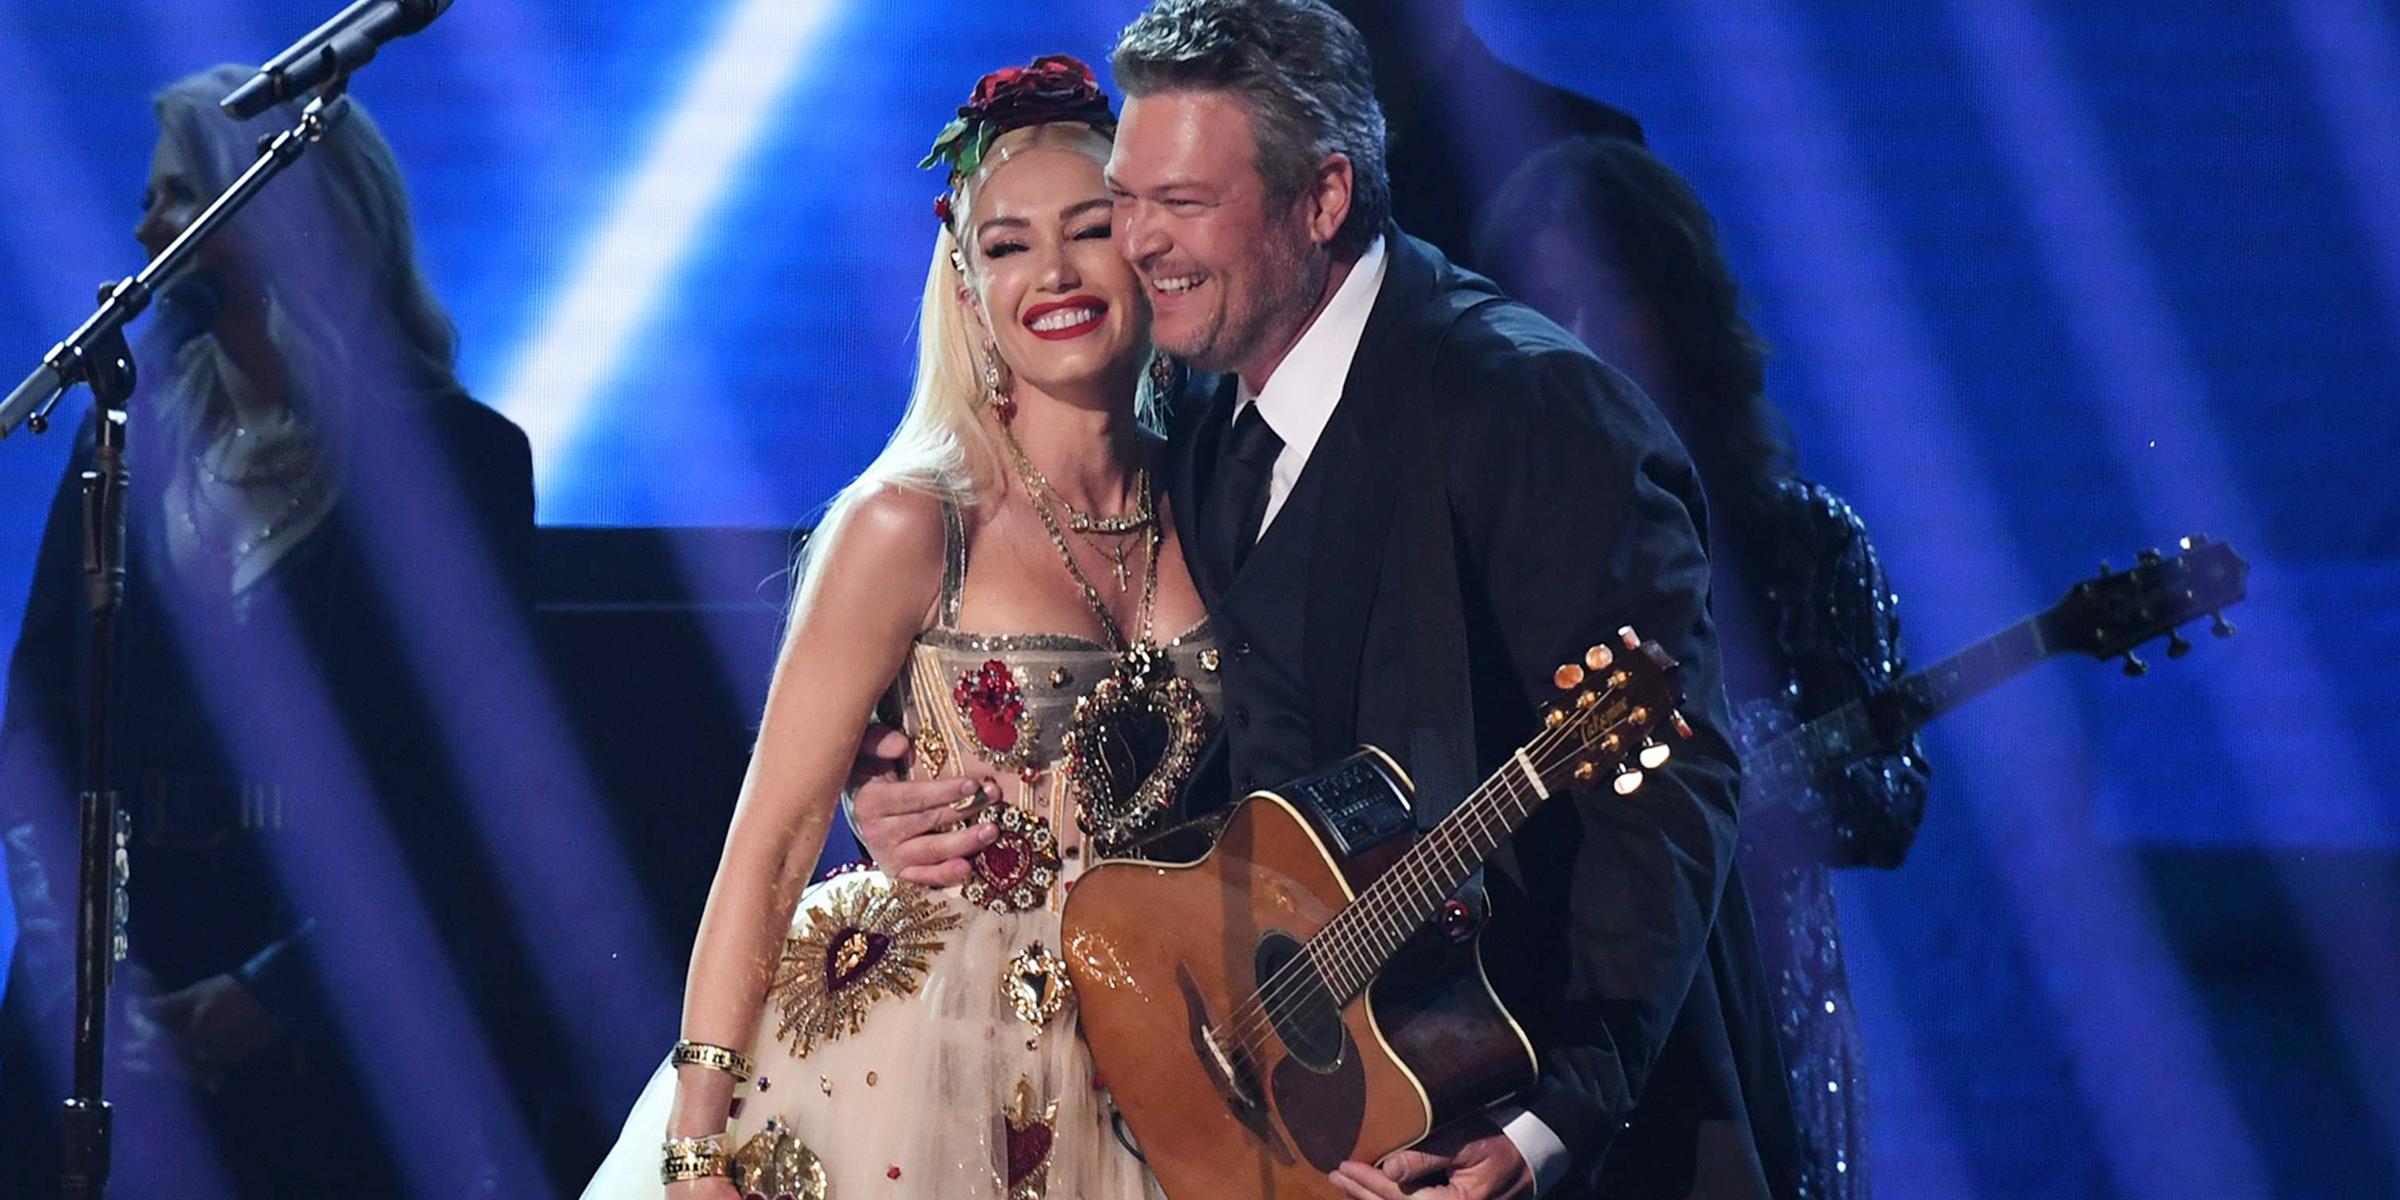 Gwen Stefani and Blake Shelton perform at Grammys